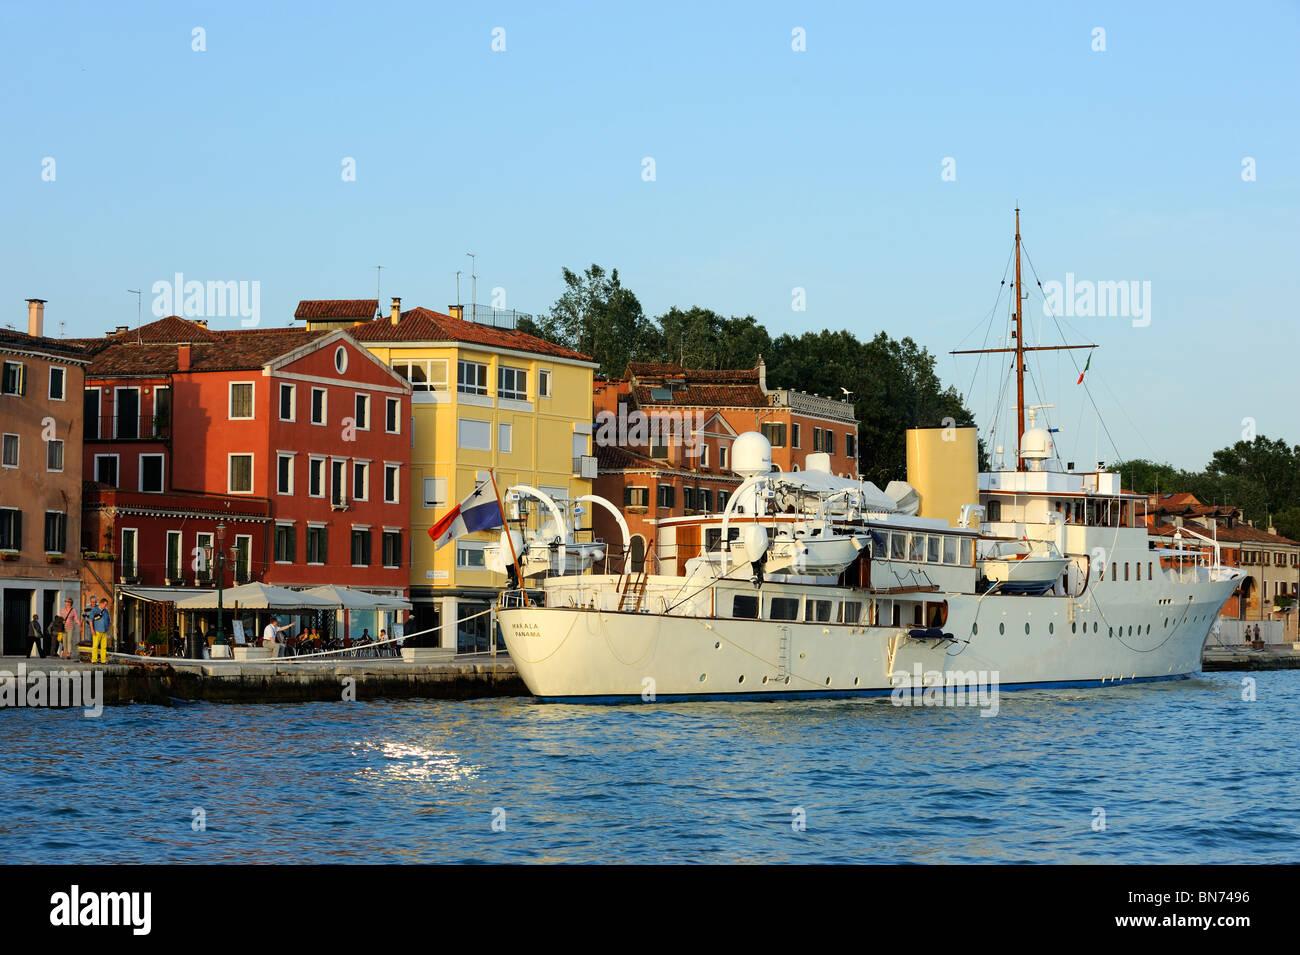 La MV Marala ormeggiata sulla Riva dei Sette Martri a Venezia, Italia Immagini Stock